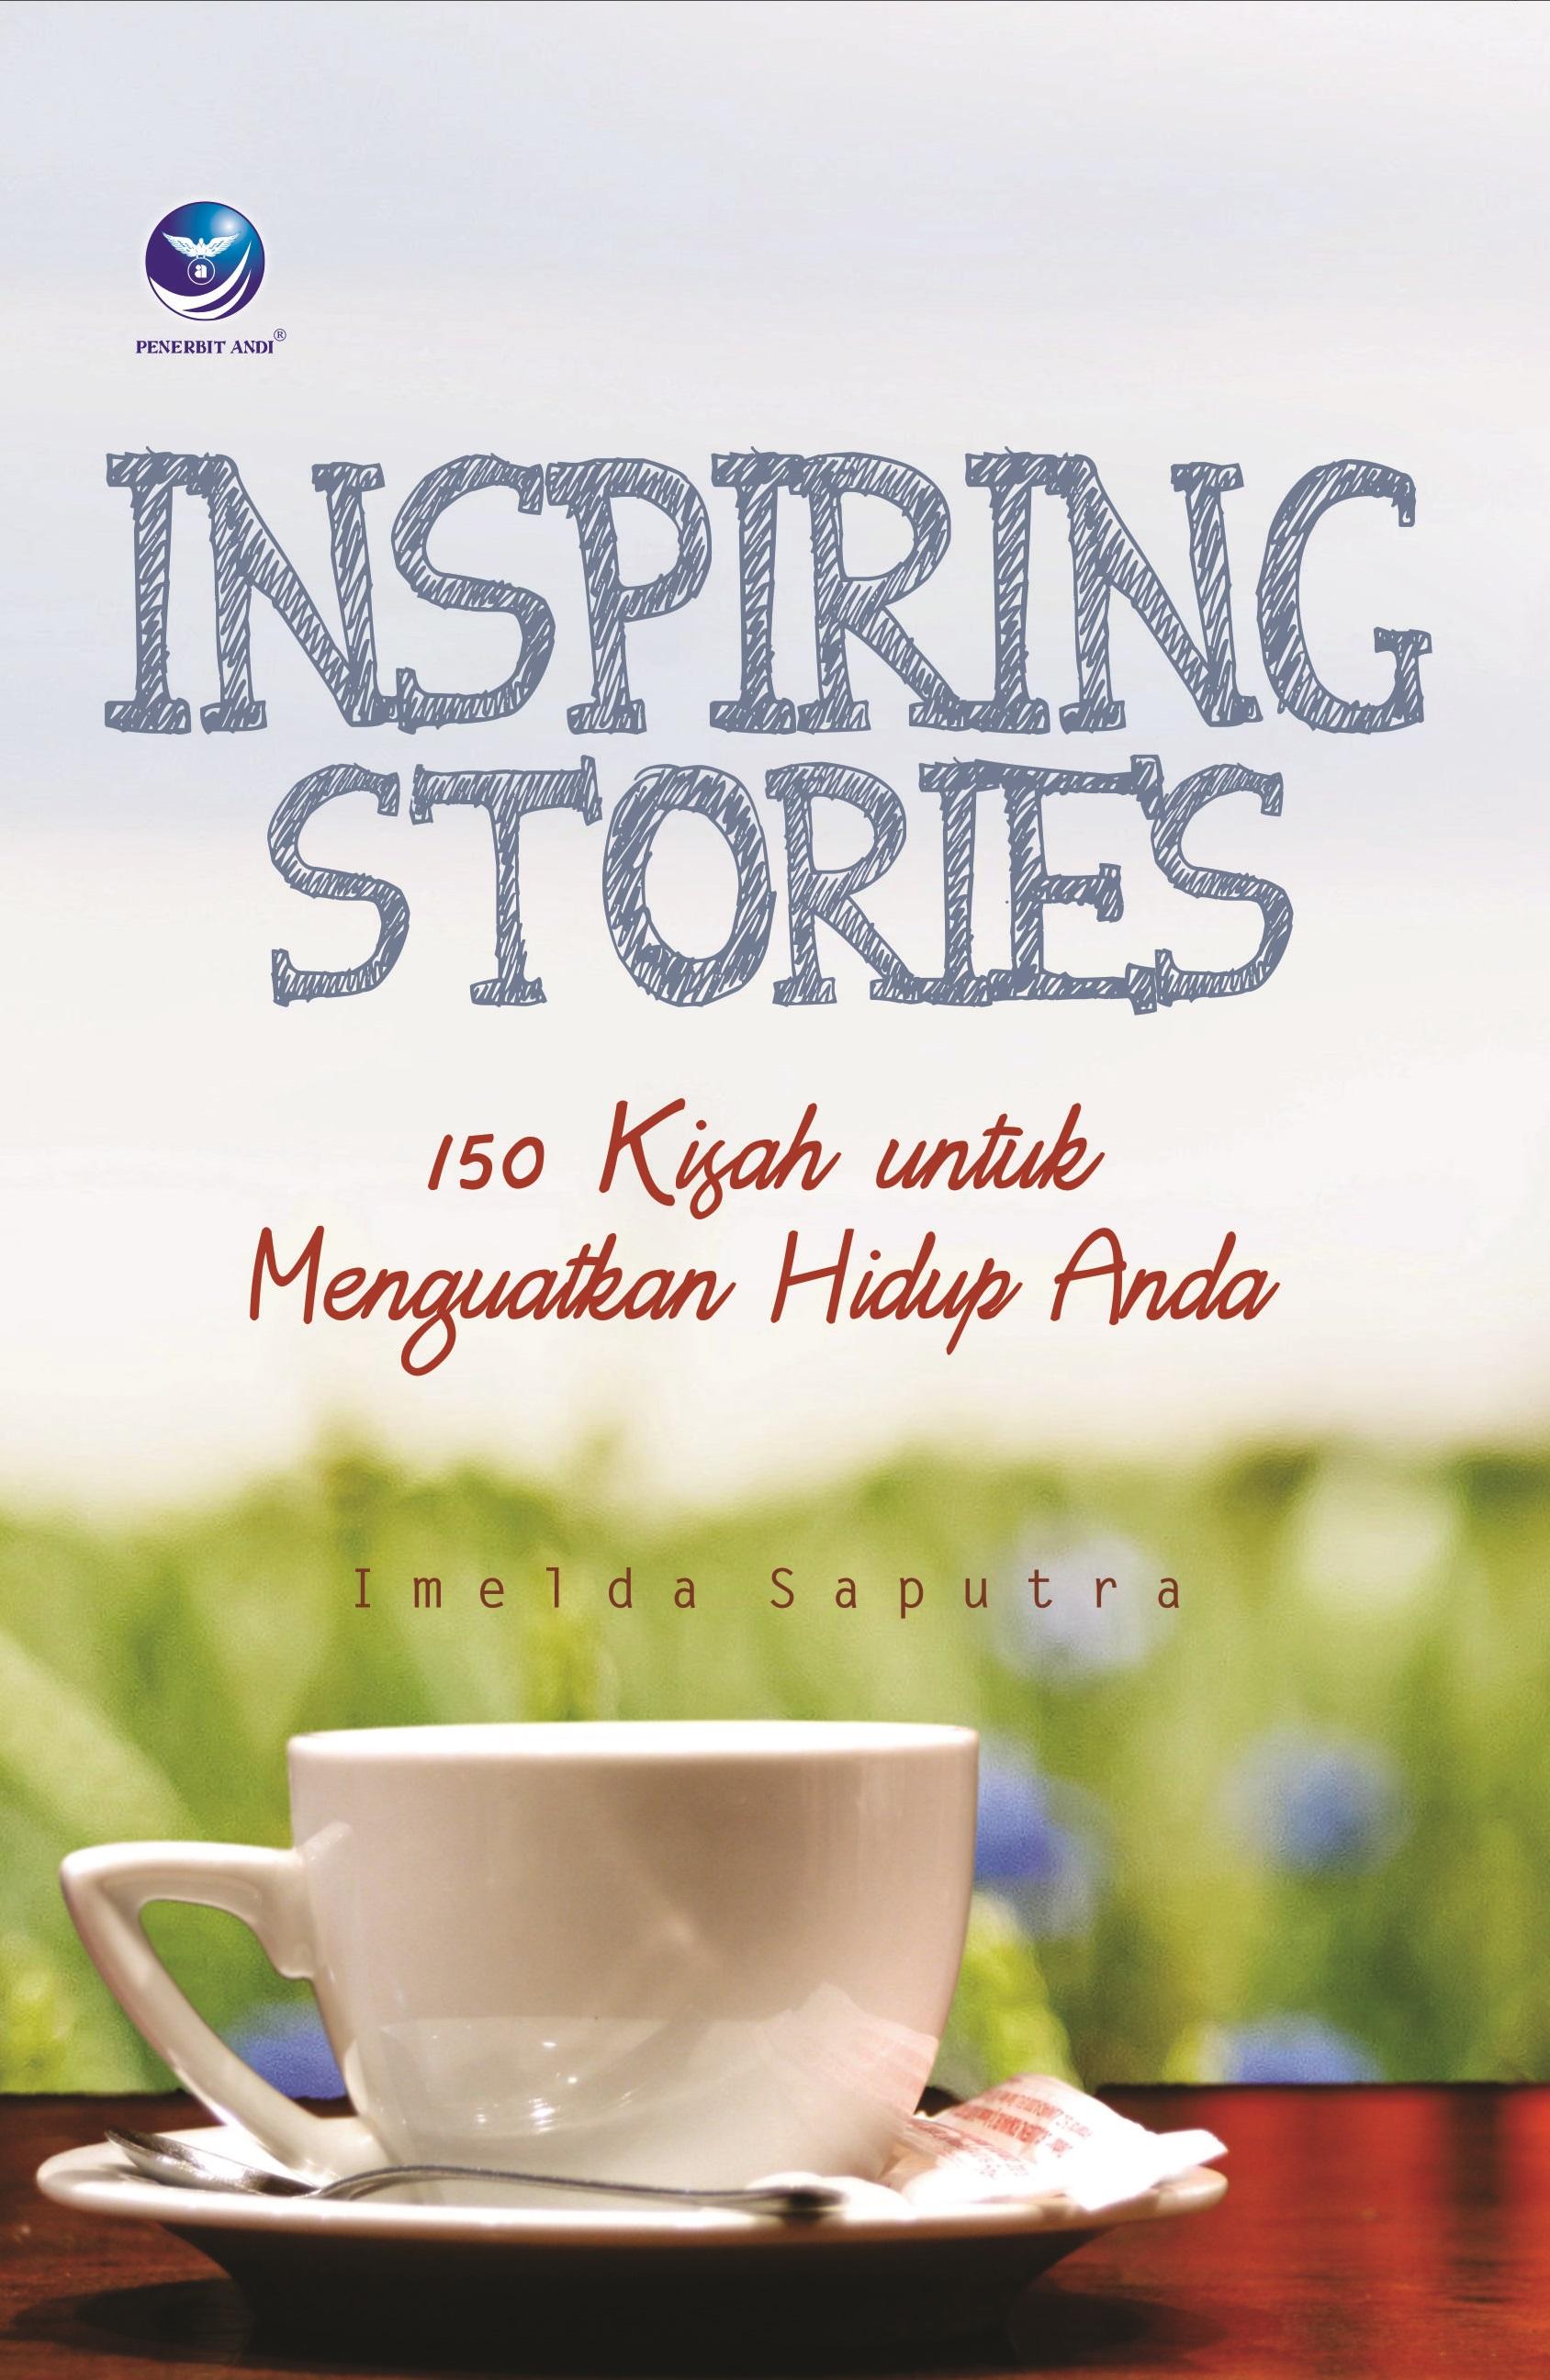 Inspiring stories, 150 kisah untuk menguatkan hidup anda [sumber elektronis]